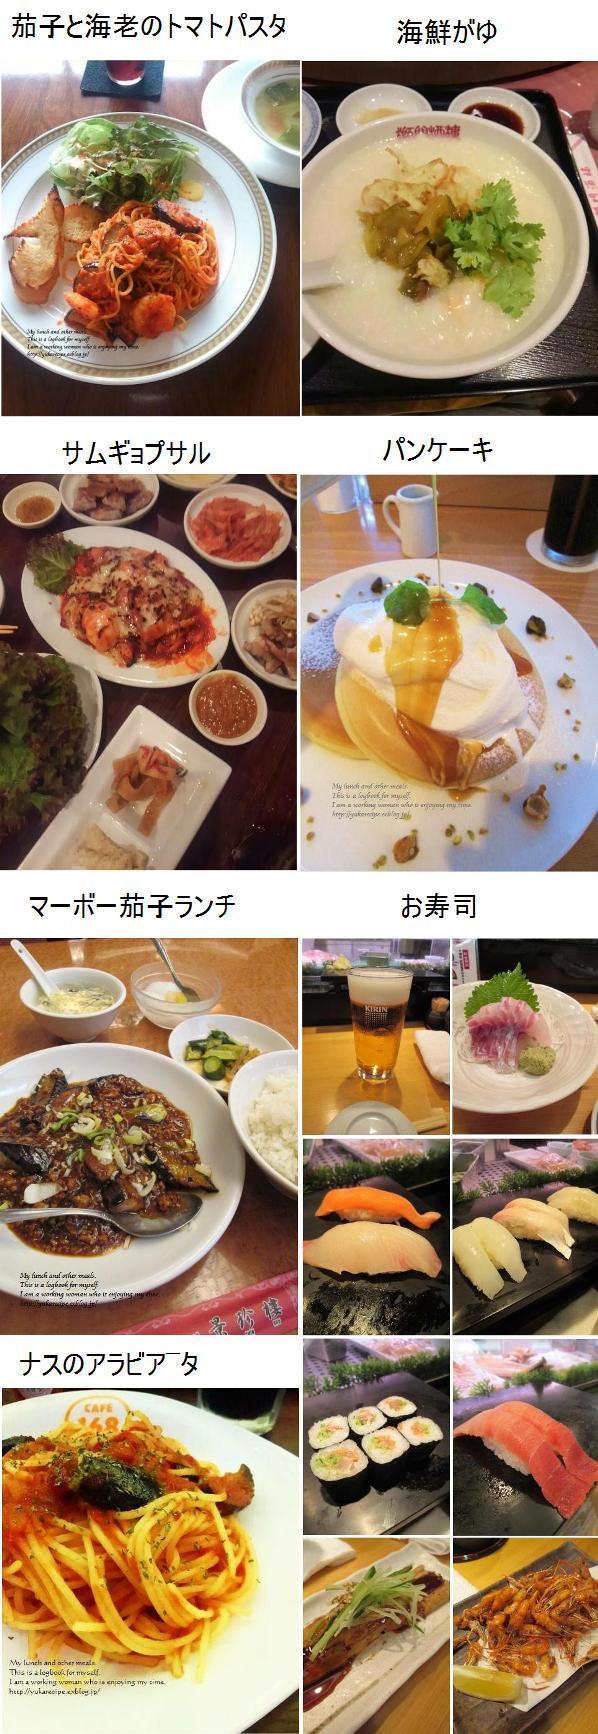 2015年8月のお弁当一覧♪_e0274872_22302814.jpg